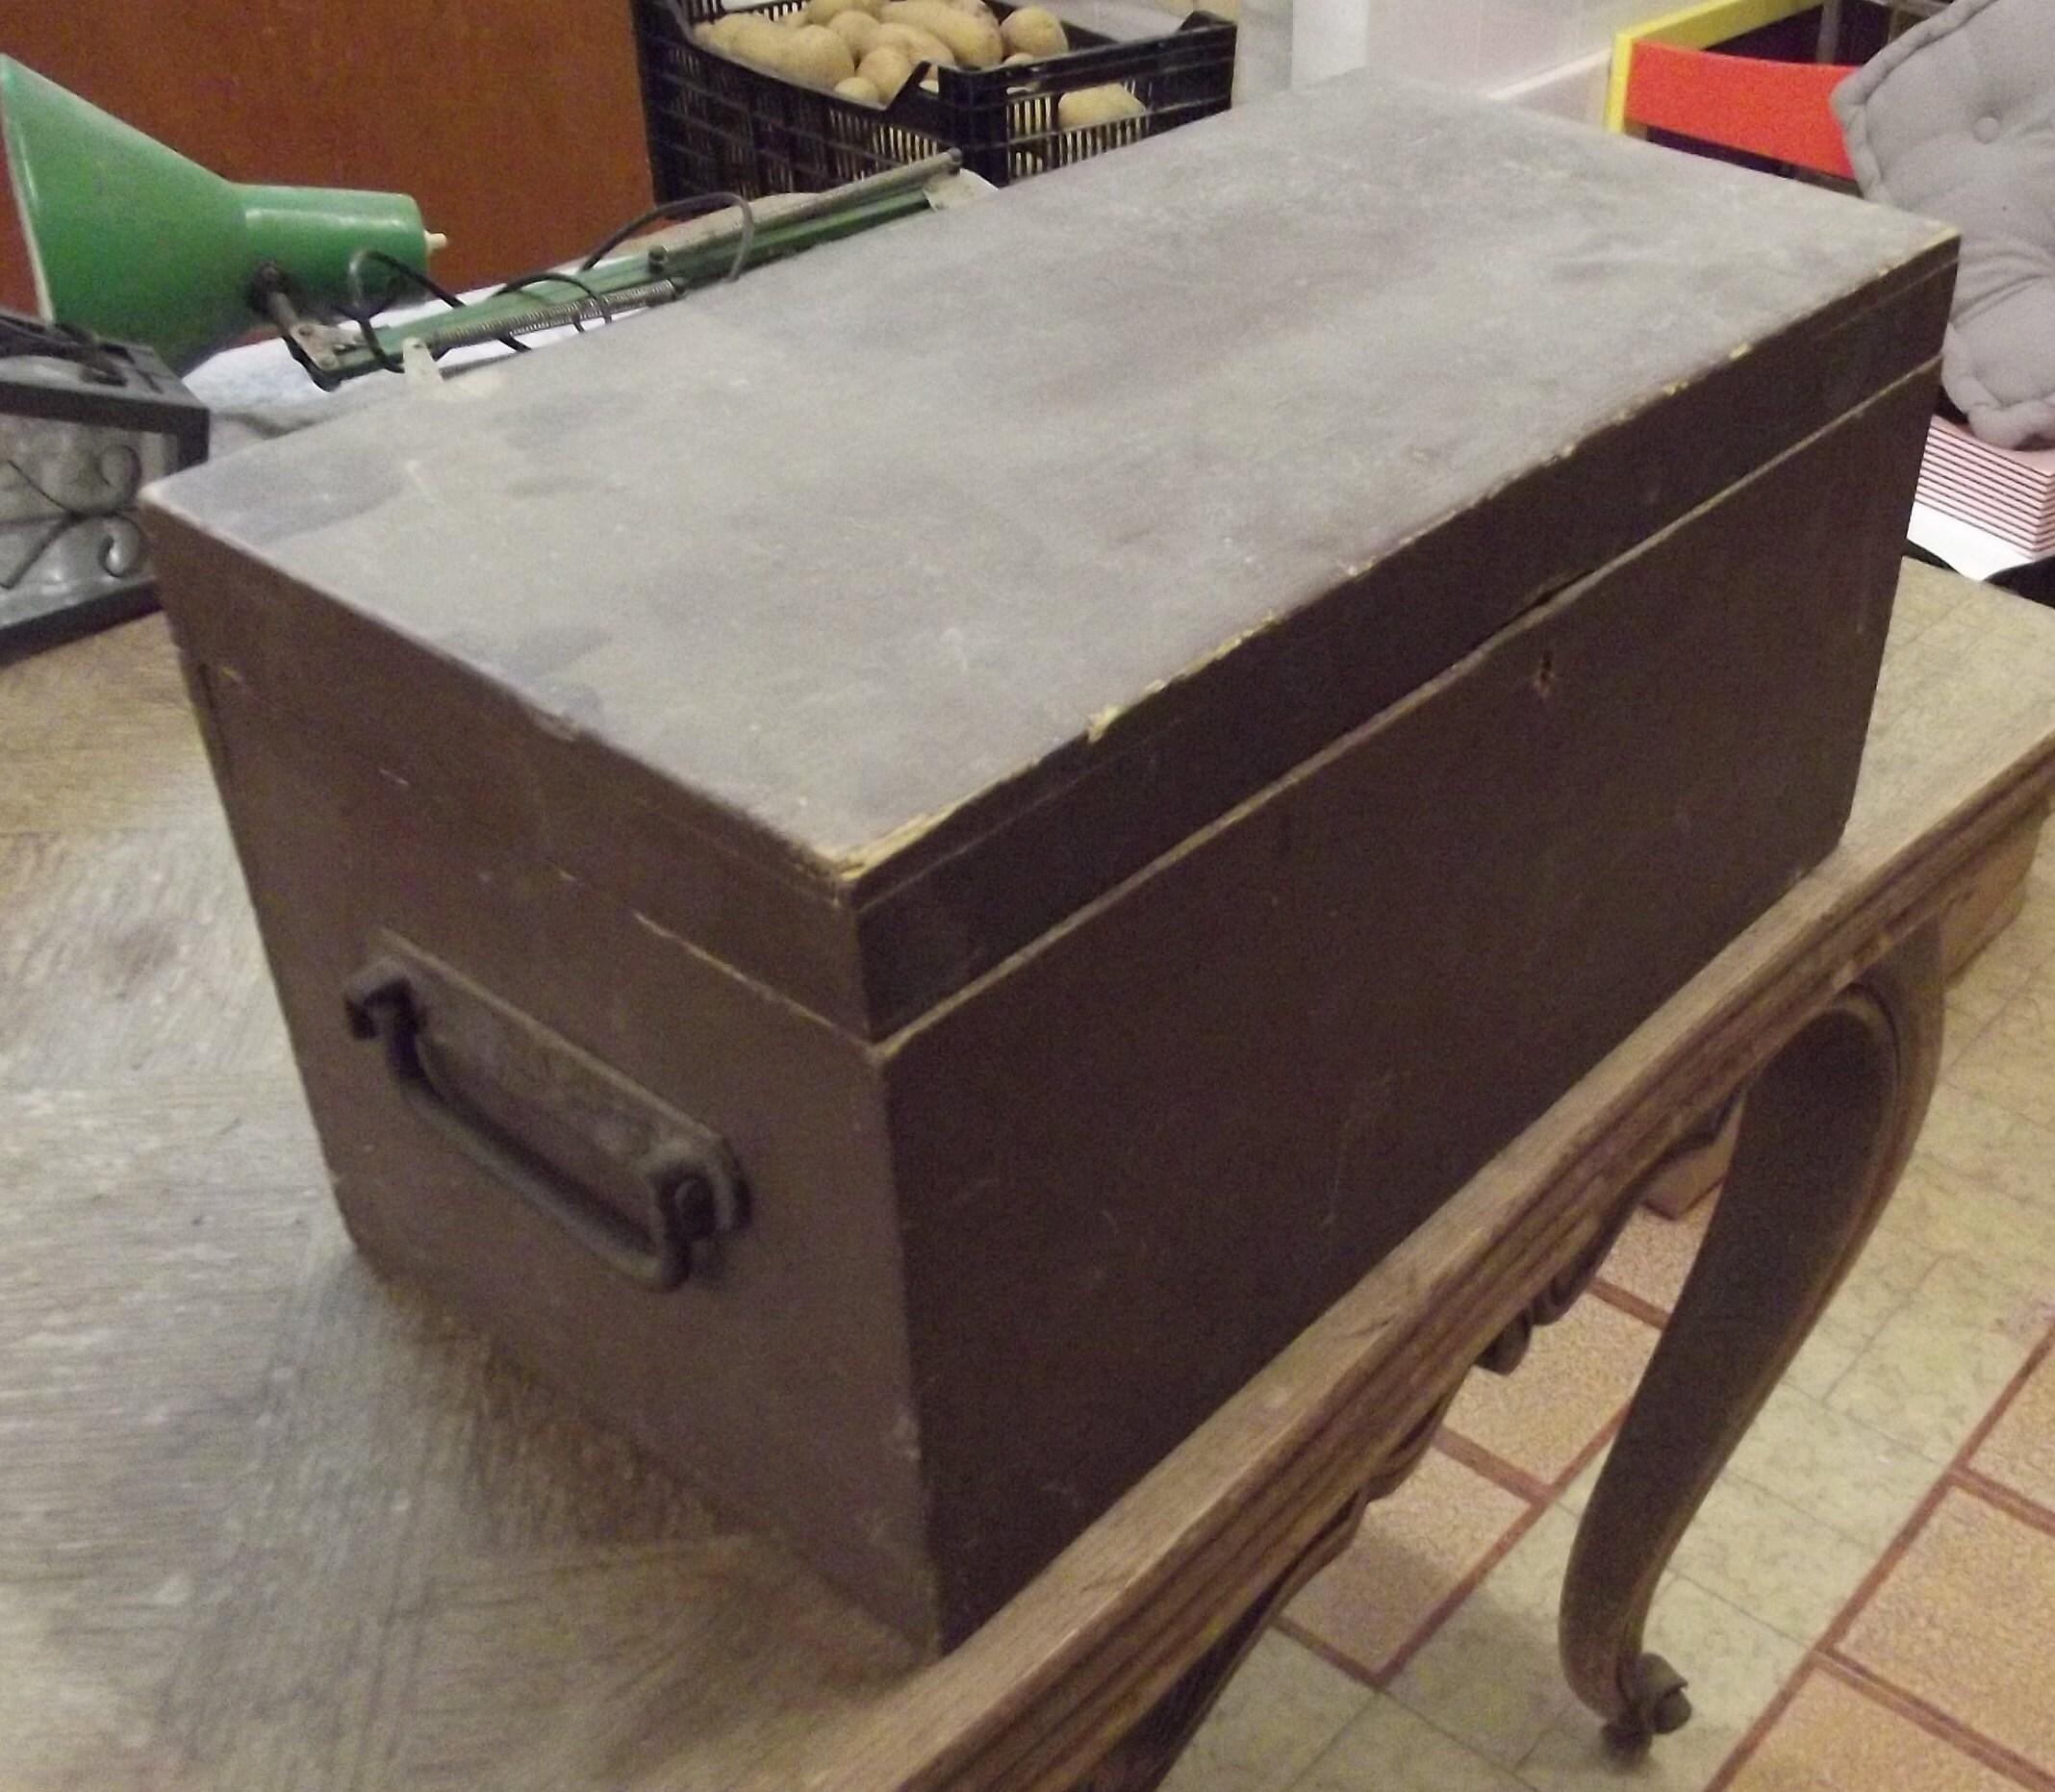 Malle Coffre En Bois Ancien ancien coffre coffret malle valise boîte à outils vintage bois vide old  chest box set malle suitcase vintage toolbox wood empty truhe malle